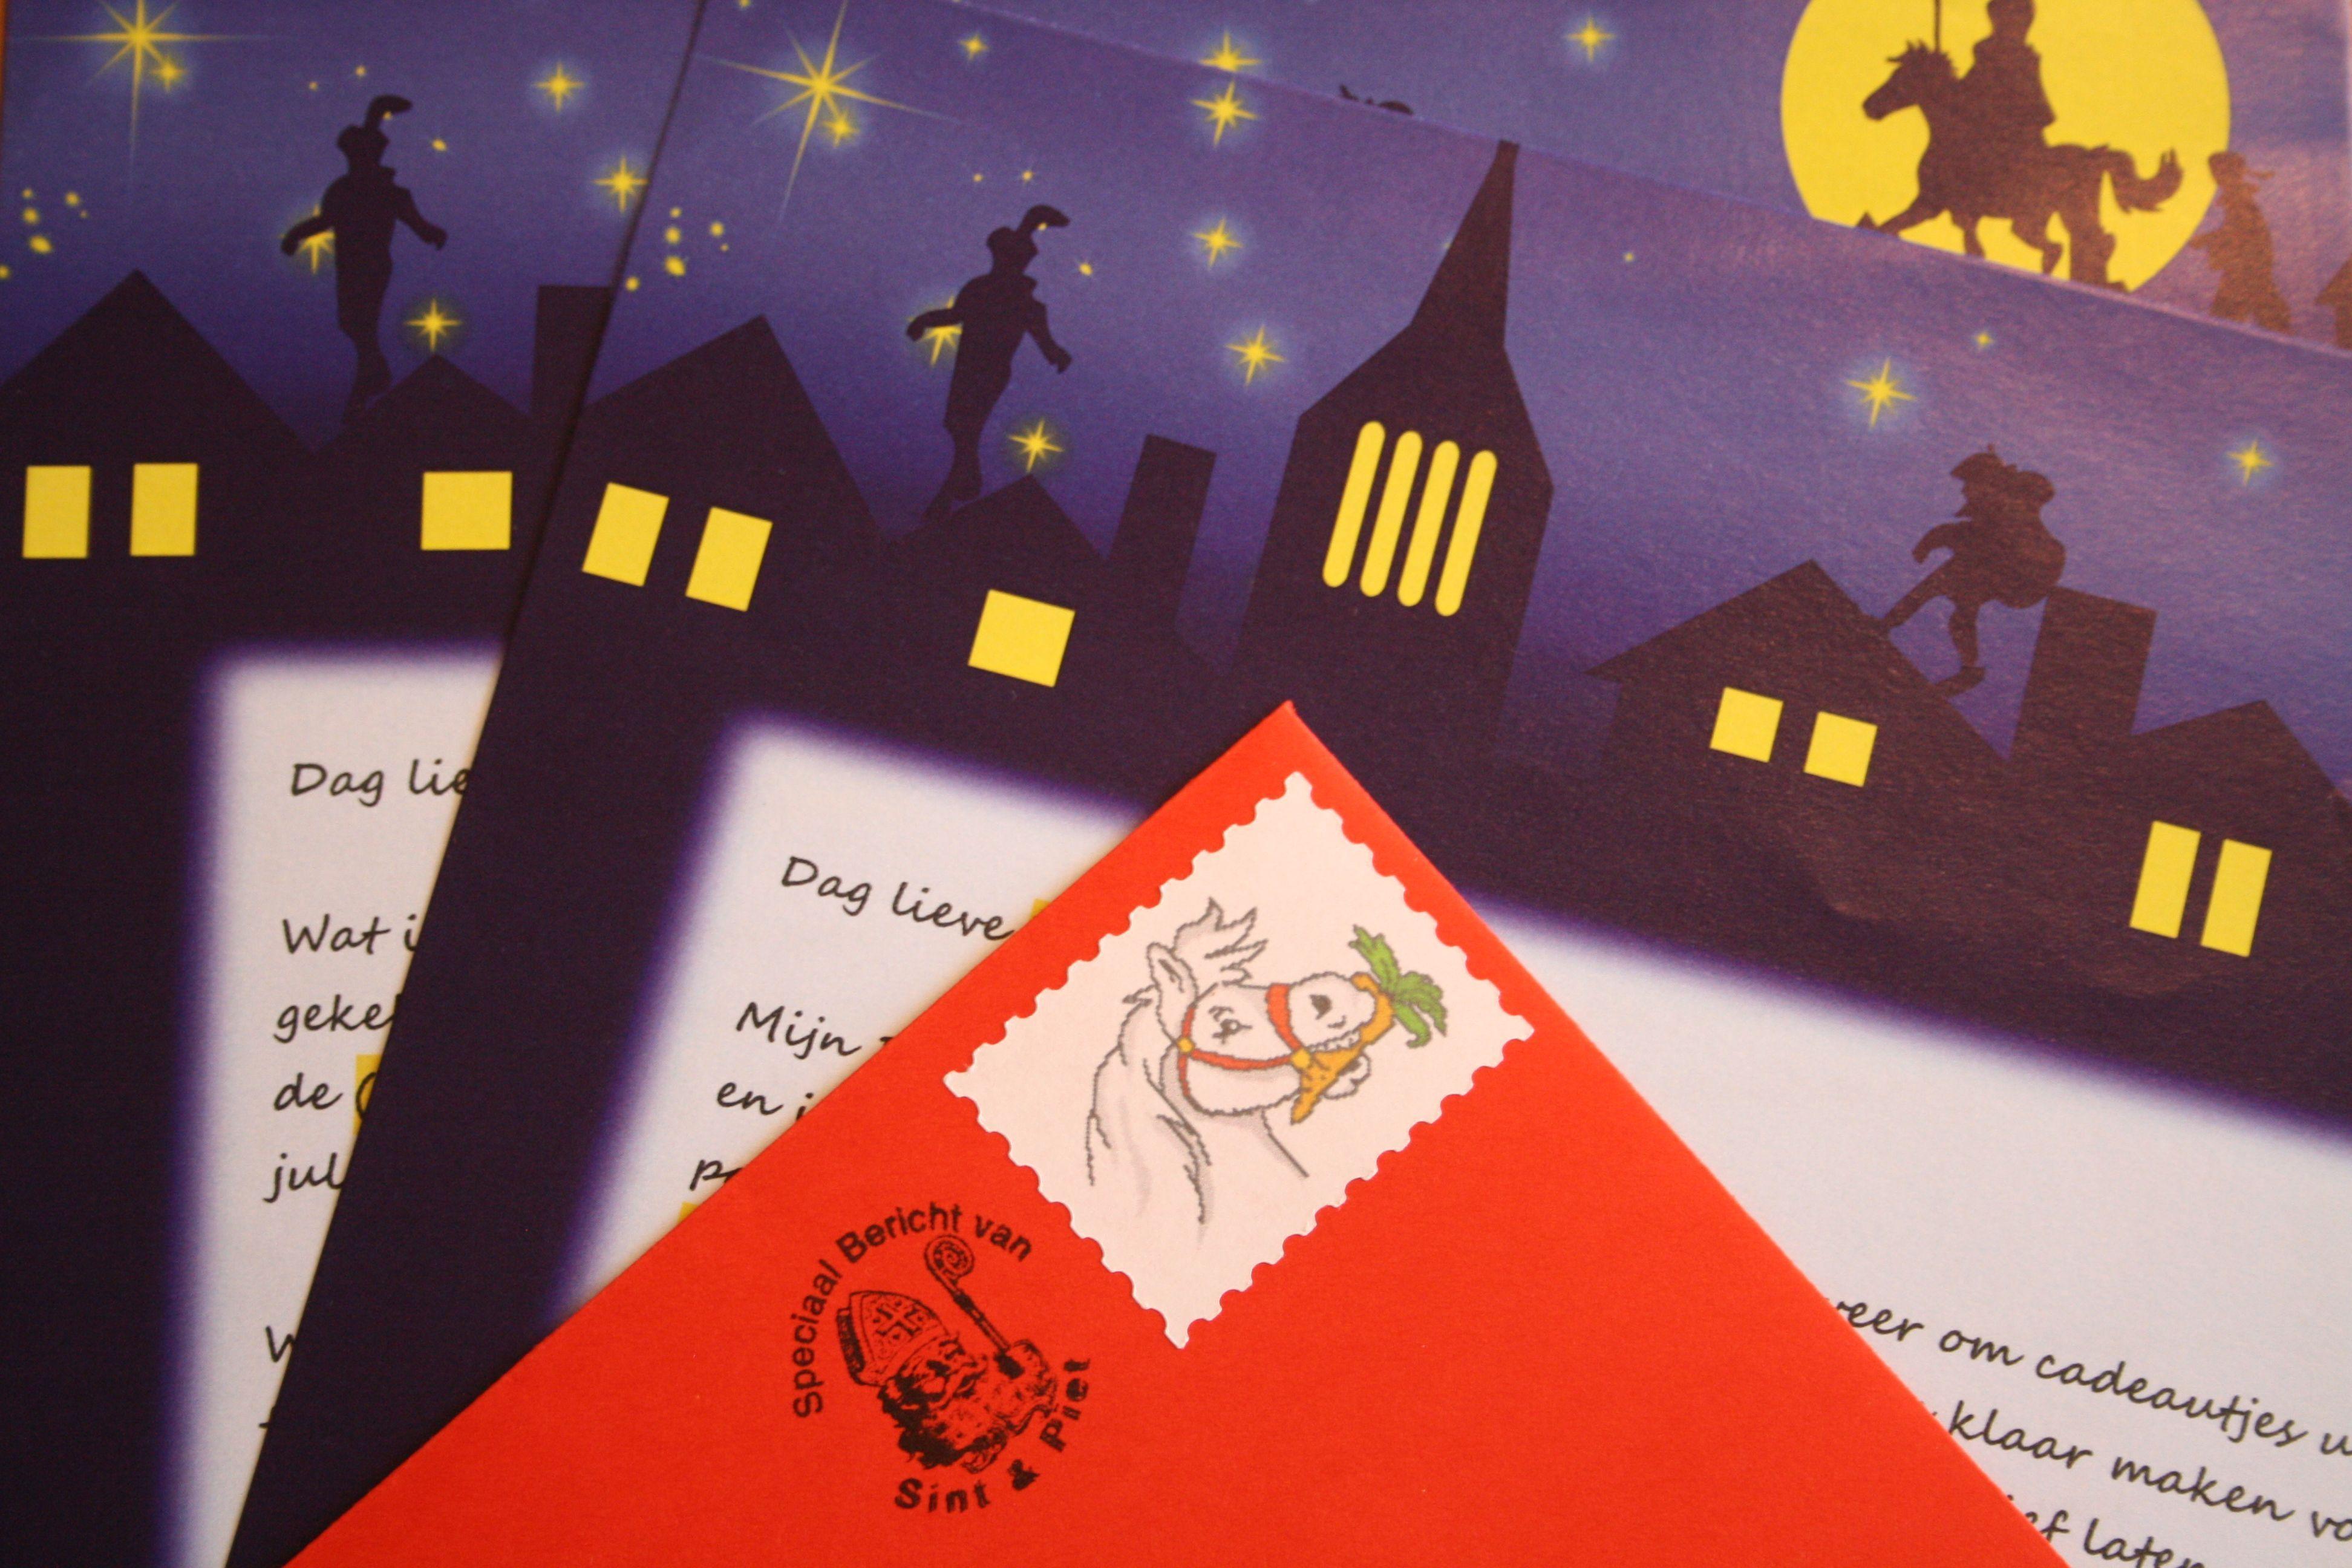 Maak deze Sinterklaas nog specialer met een persoonlijke brief van de Sint. Tevens leuk als schoencadeautje! #briefvansinterklaas Maak deze Sinterklaas nog specialer met een persoonlijke brief van de Sint. Tevens leuk als schoencadeautje! #briefvansinterklaas Maak deze Sinterklaas nog specialer met een persoonlijke brief van de Sint. Tevens leuk als schoencadeautje! #briefvansinterklaas Maak deze Sinterklaas nog specialer met een persoonlijke brief van de Sint. Tevens leuk als schoencadeautje! # #briefvansinterklaas